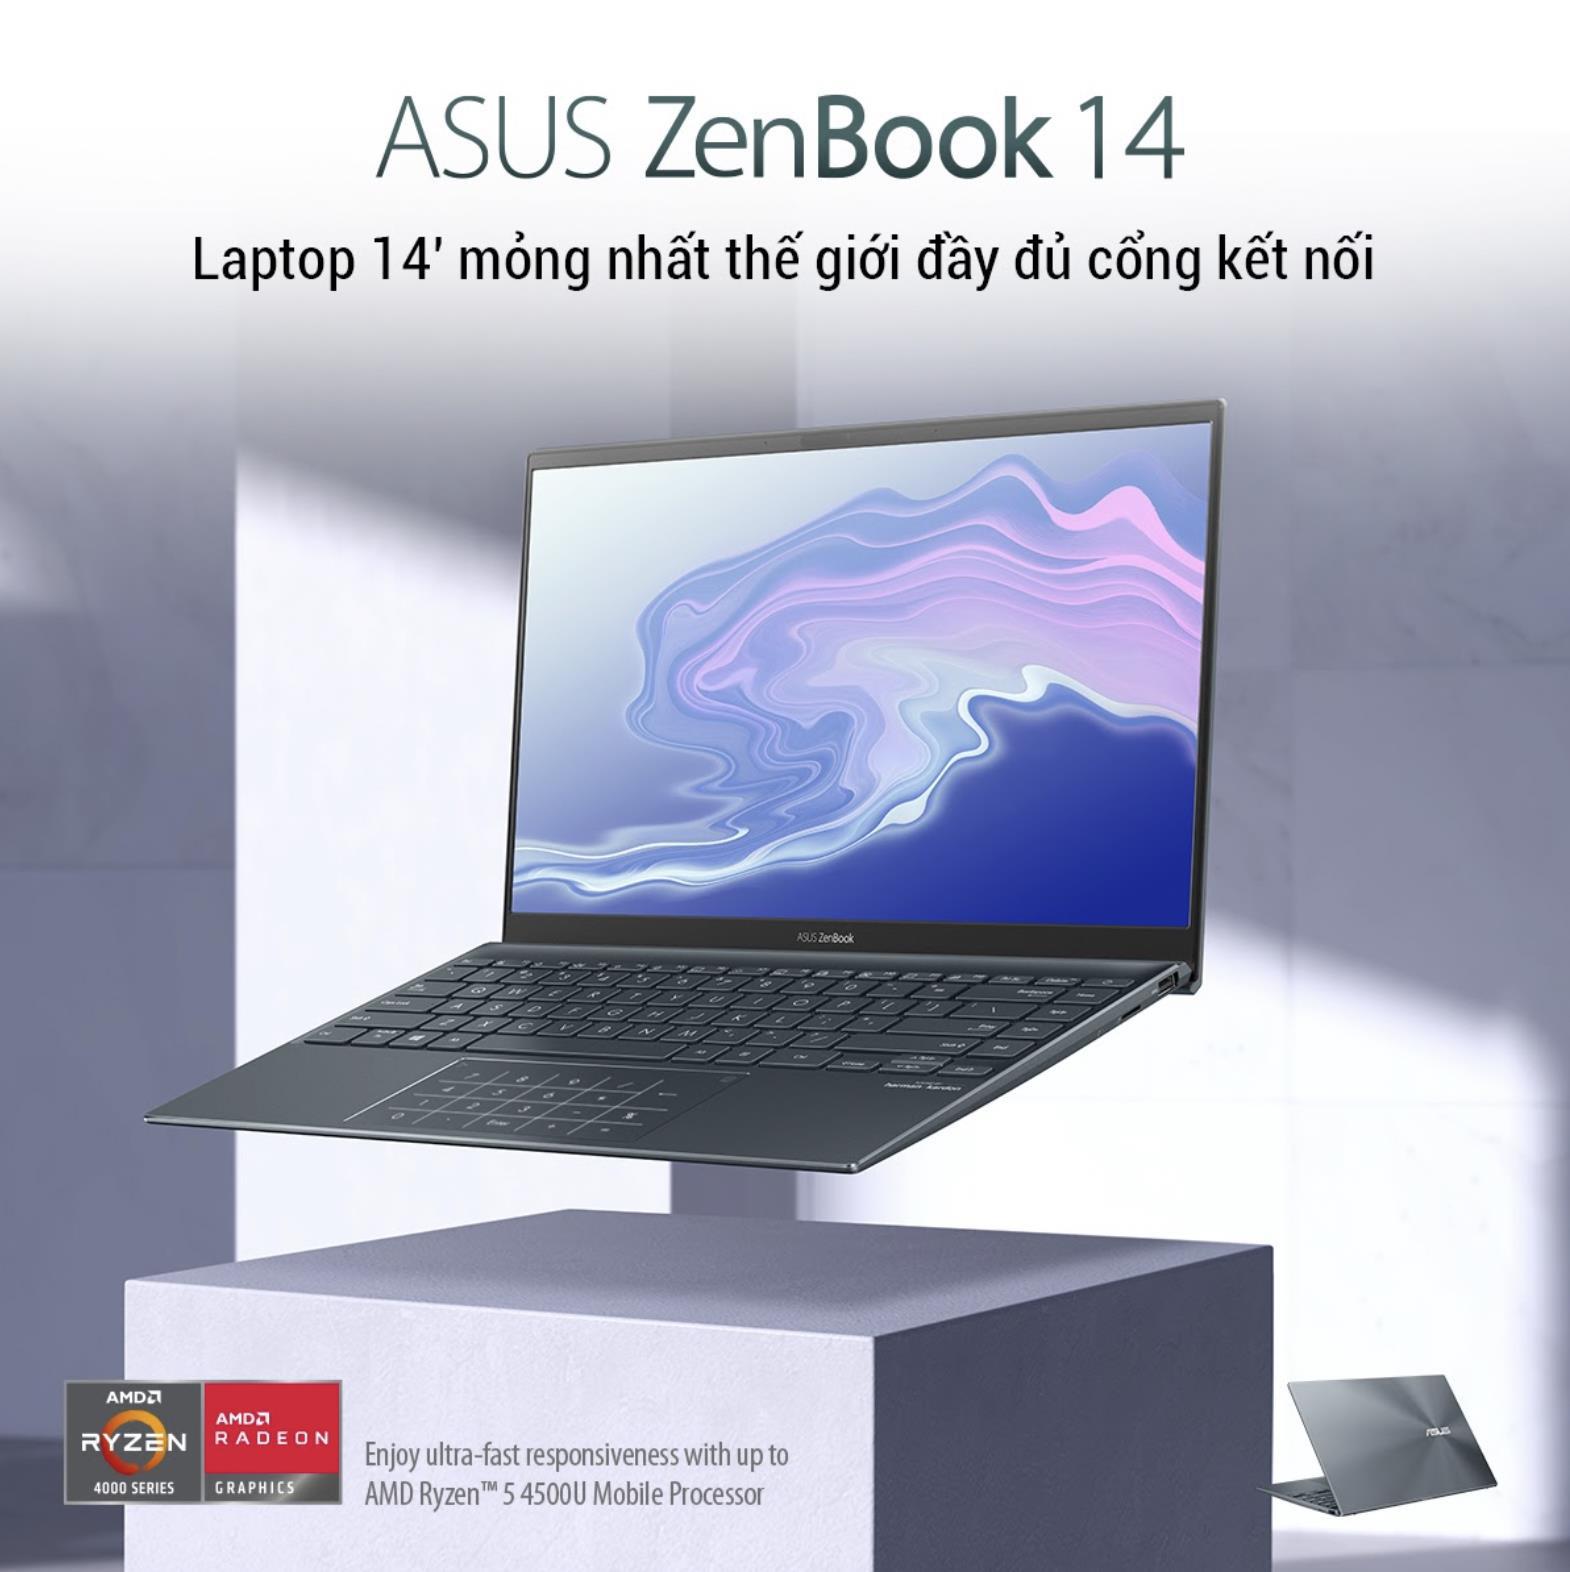 Loạt laptop siêu di động trang bị AMD Ryzen 5000 Series phù hợp với giới trẻ - Ảnh 1.